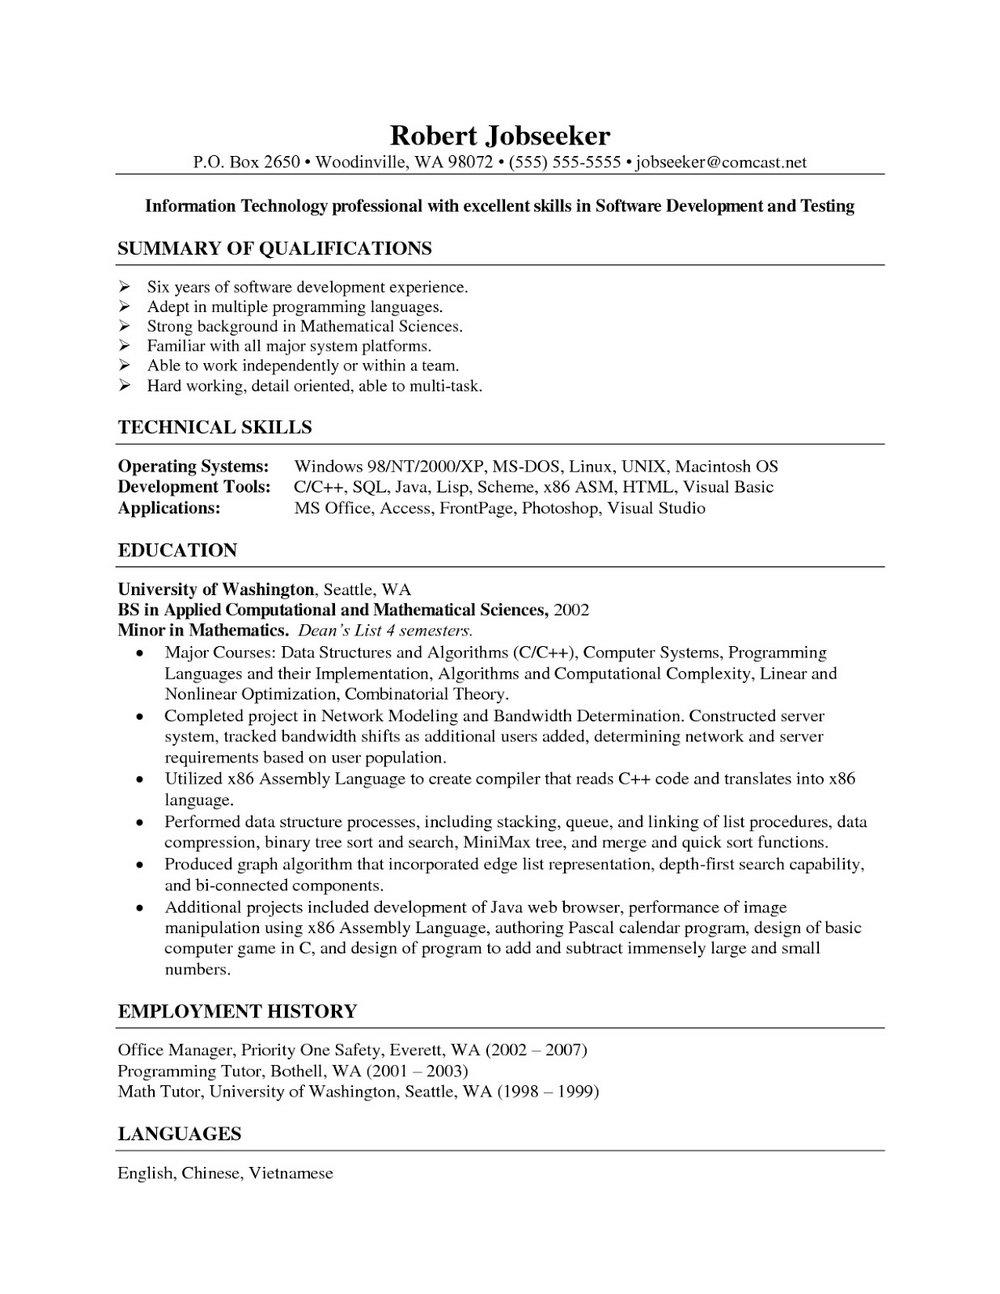 Resume cover letter for medical billing